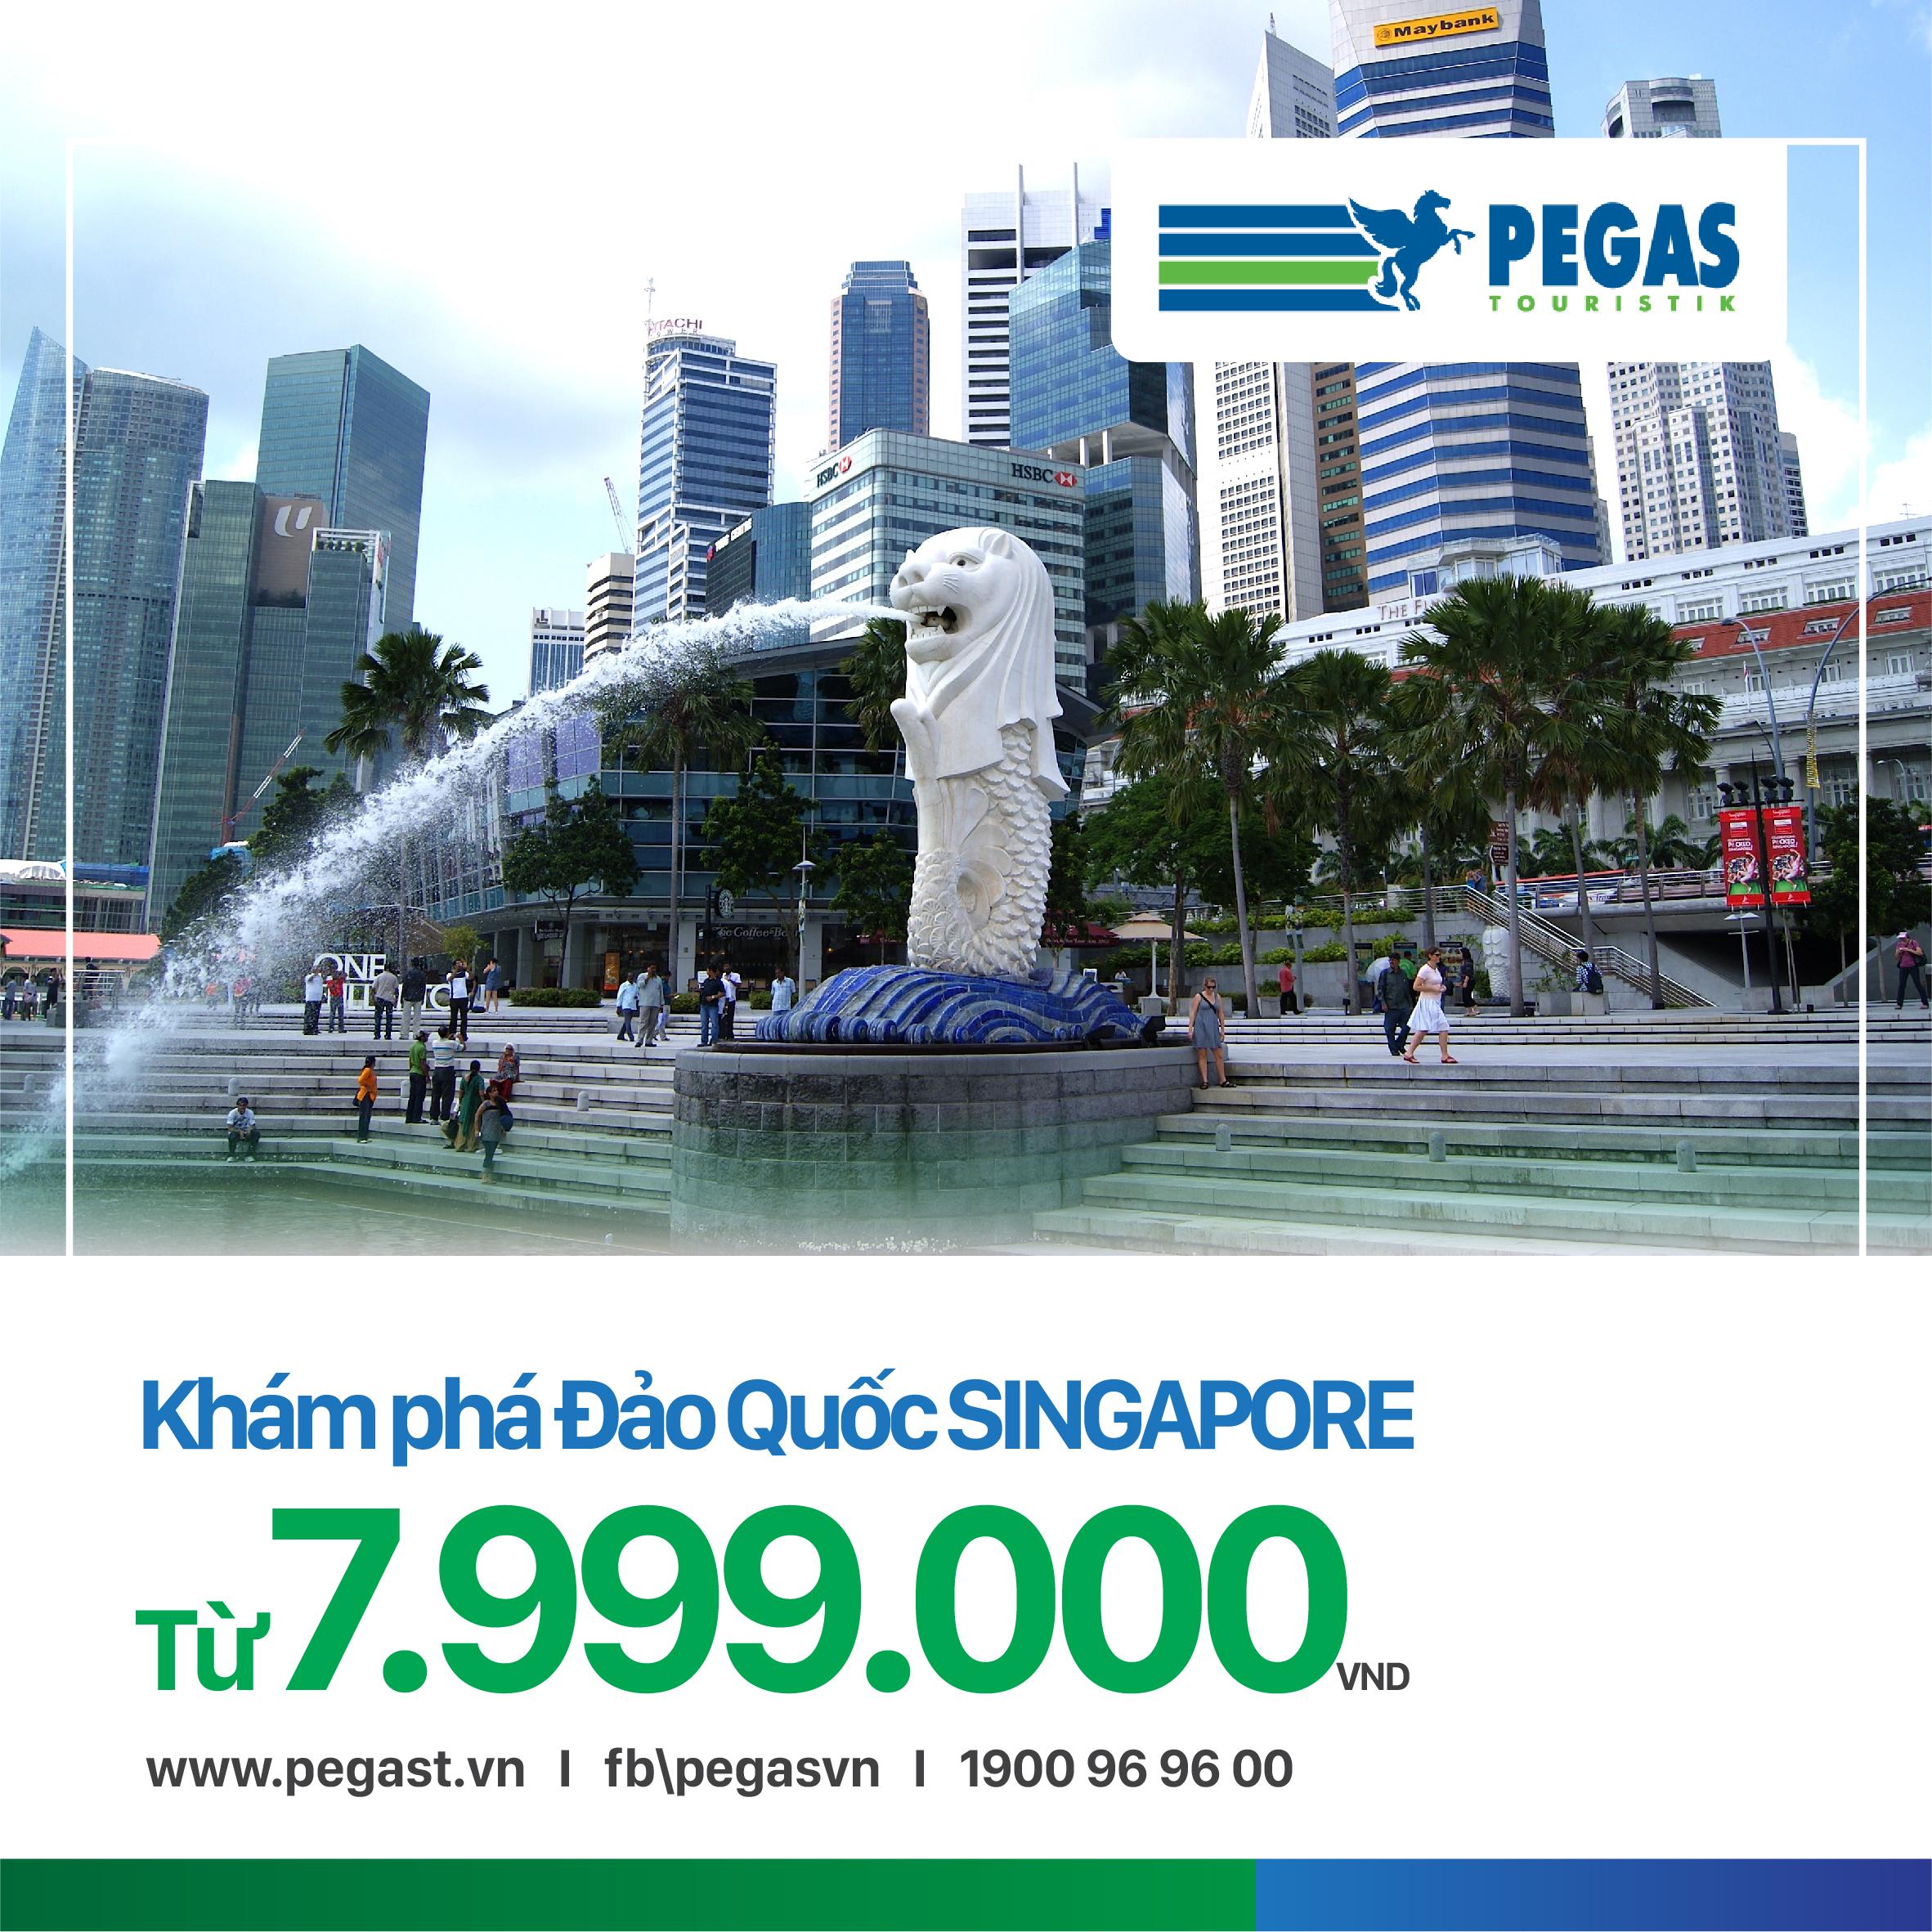 KHÁM PHÁ SINGAPORE - 3 NGÀY 2 ĐÊM